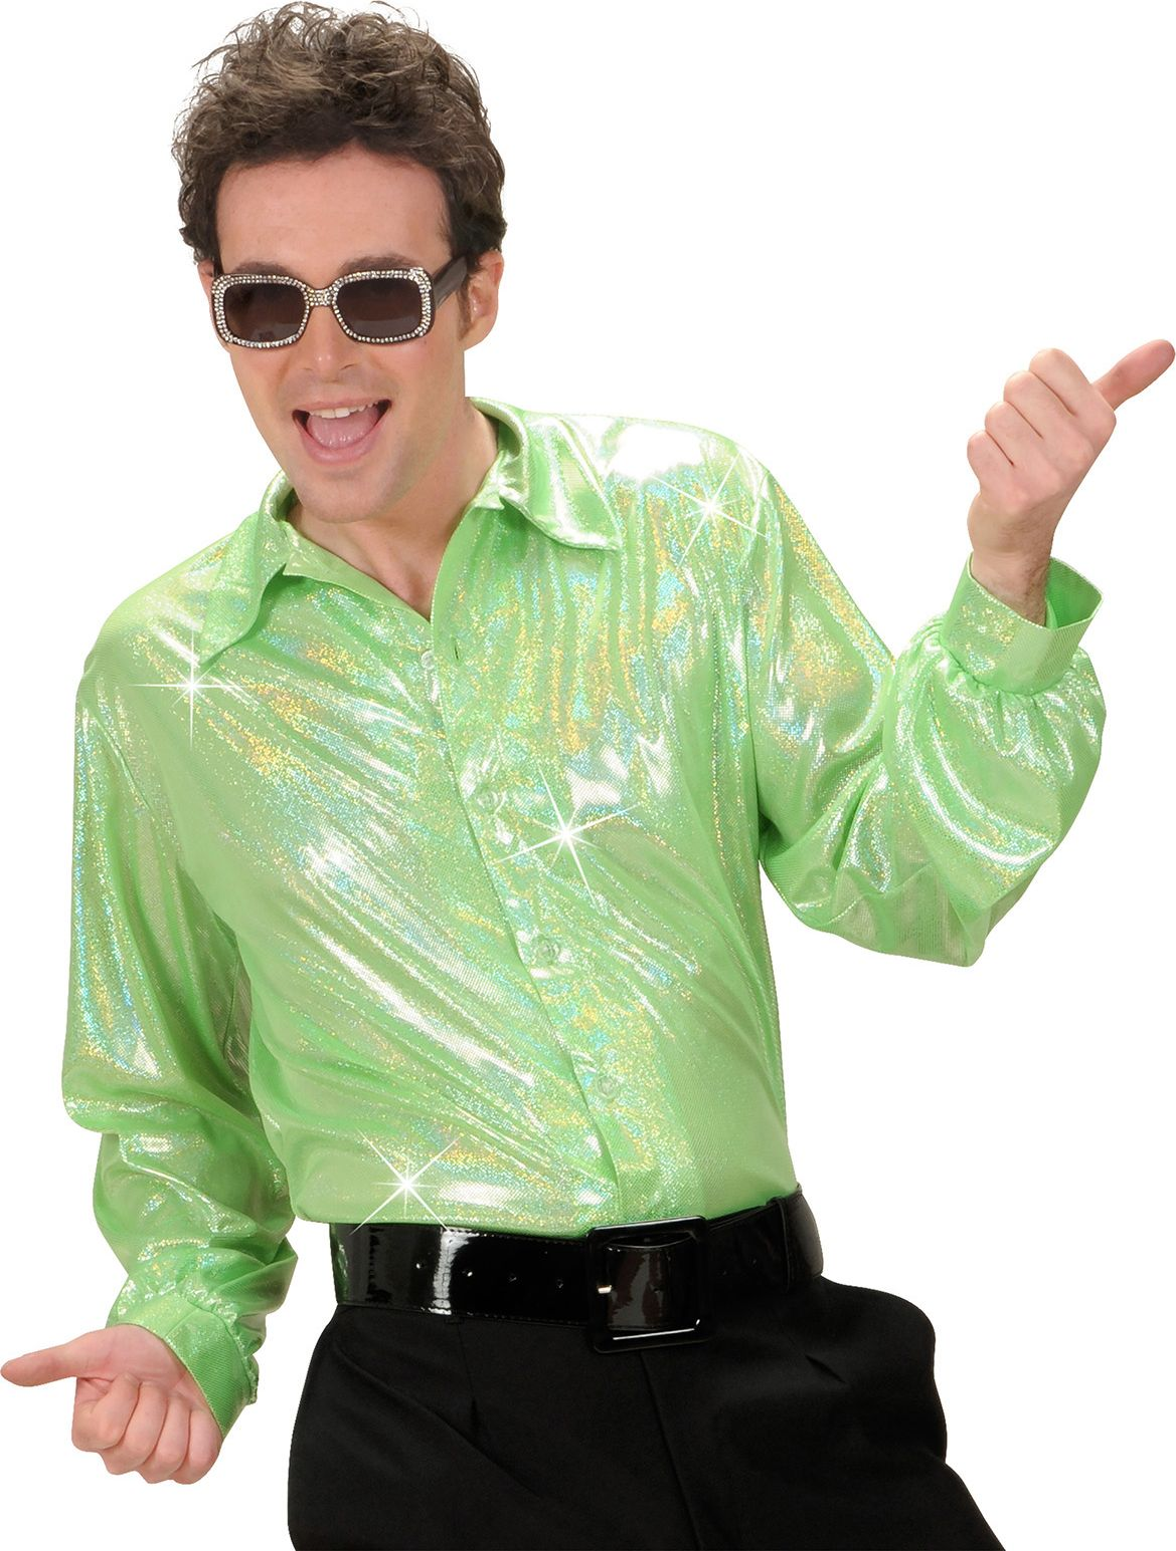 Groen holografisch shirt